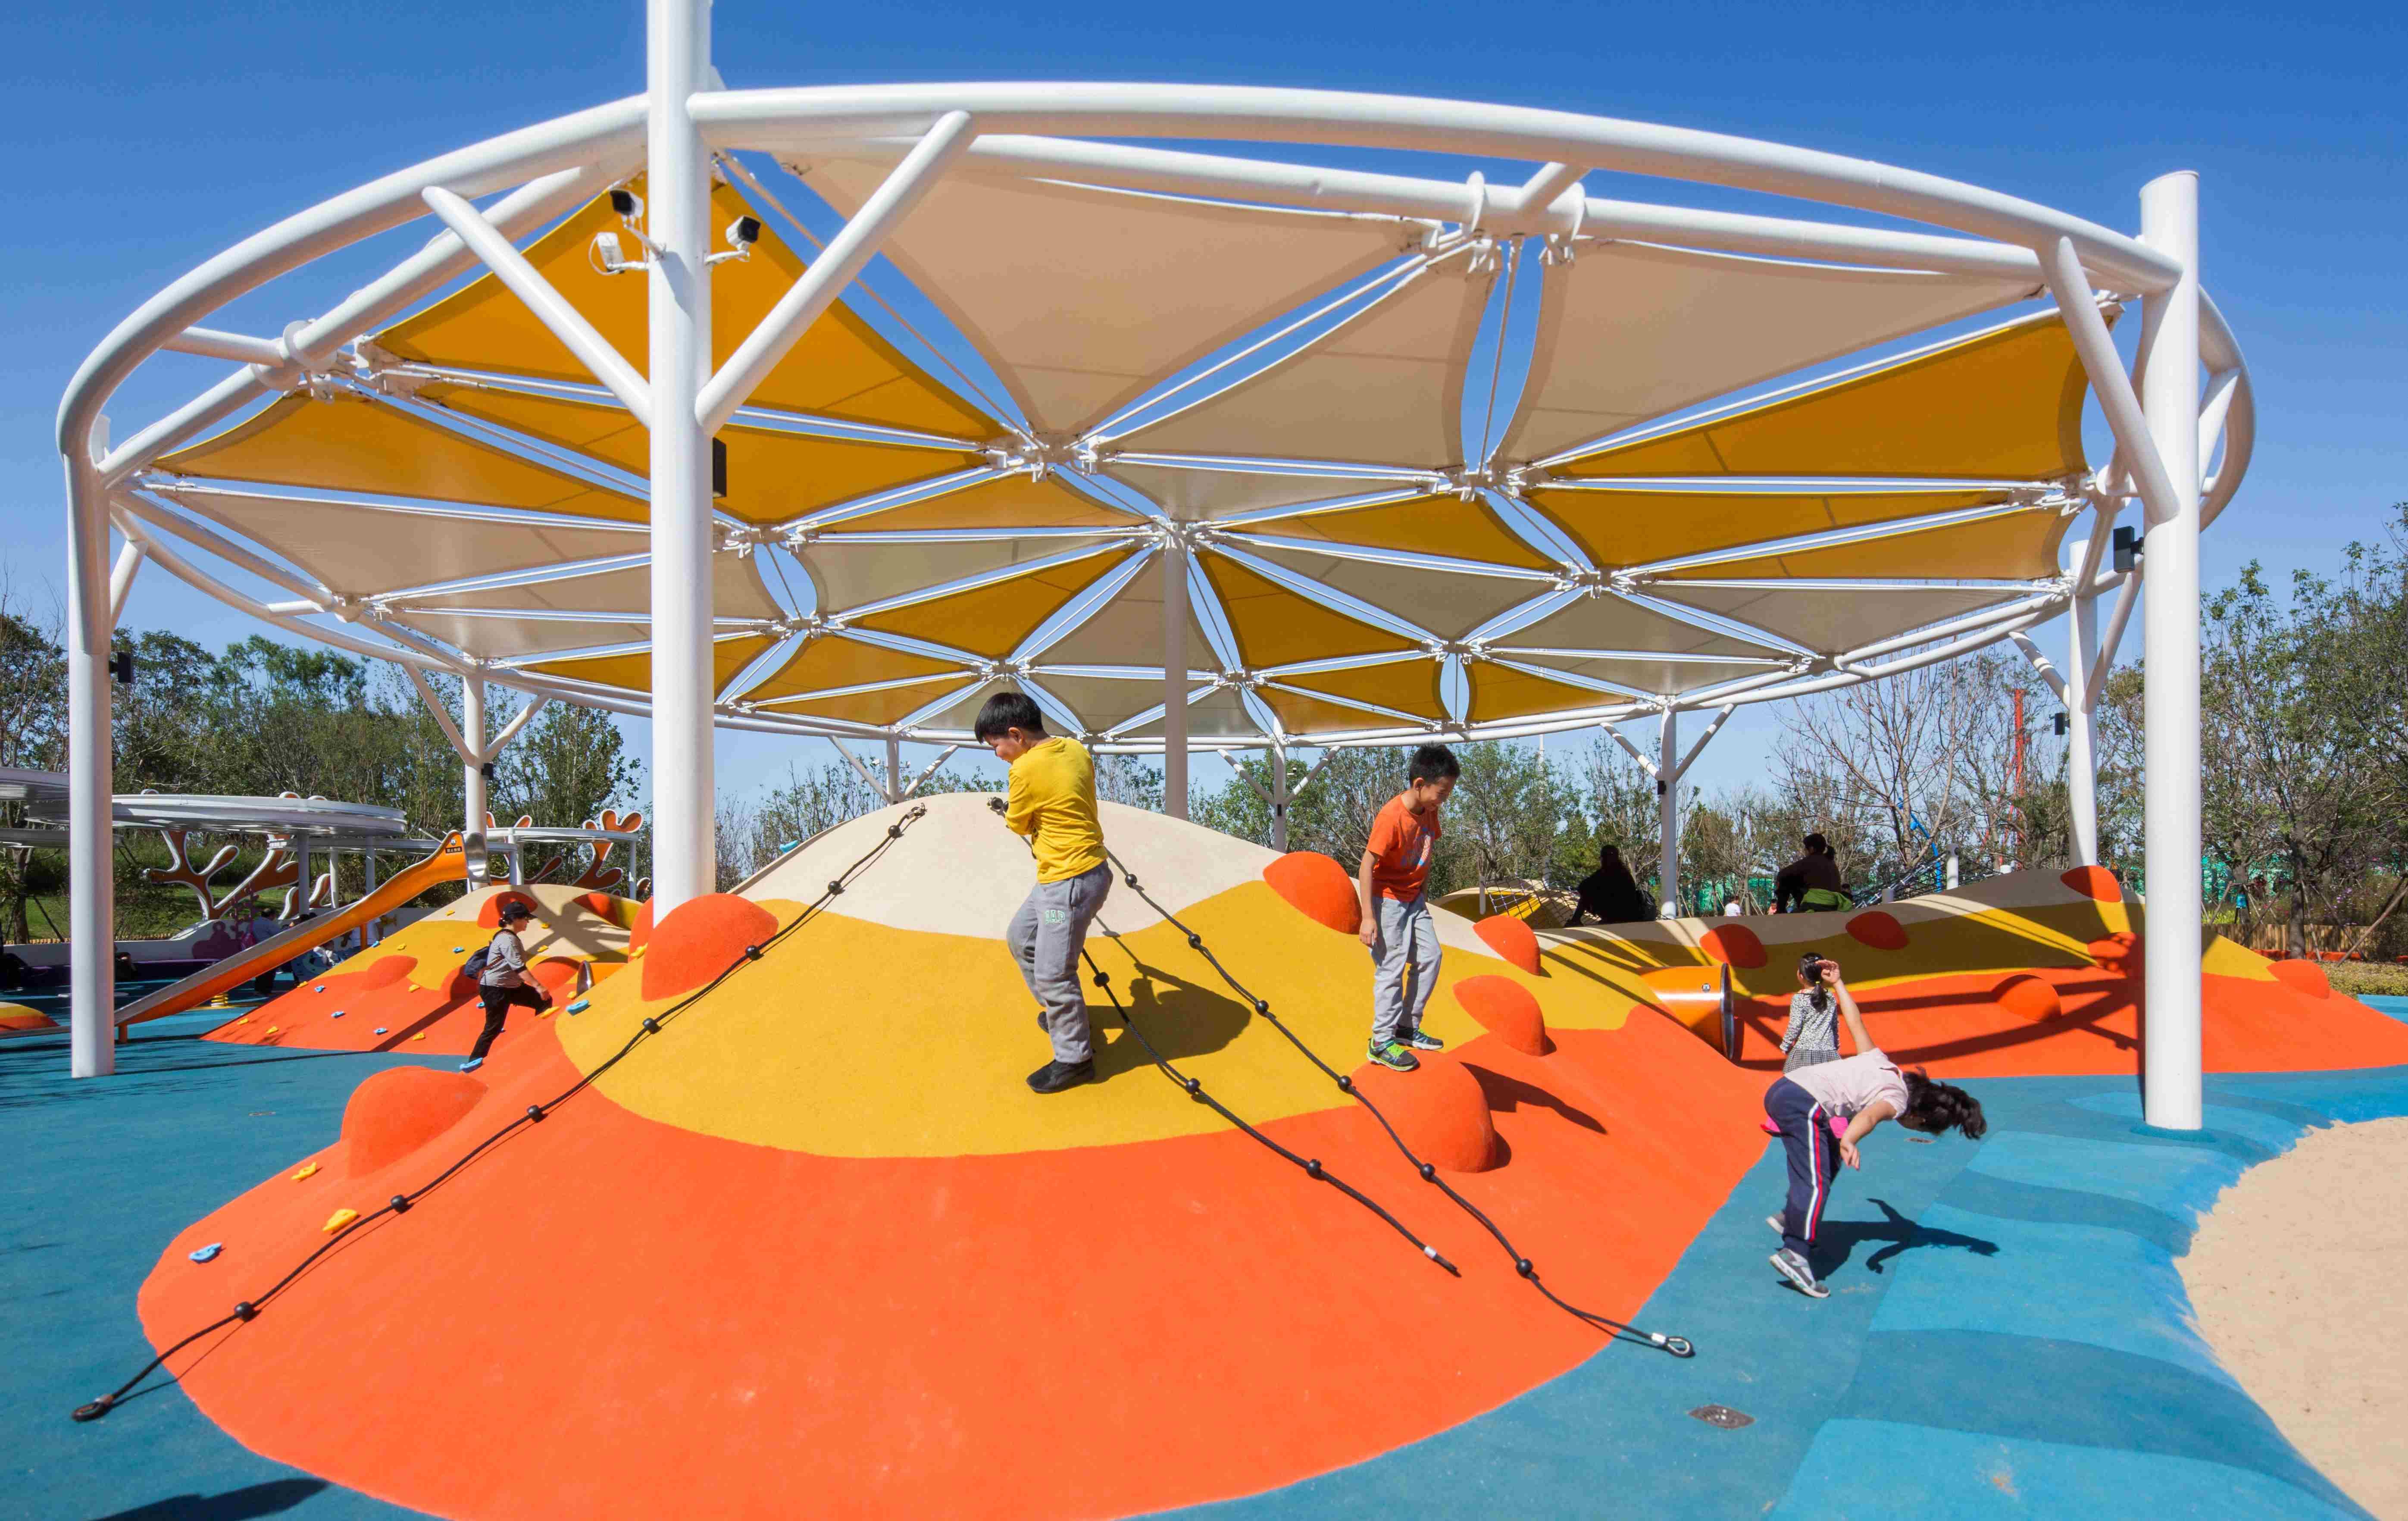 儿童主题乐园对孩子对益处有哪些